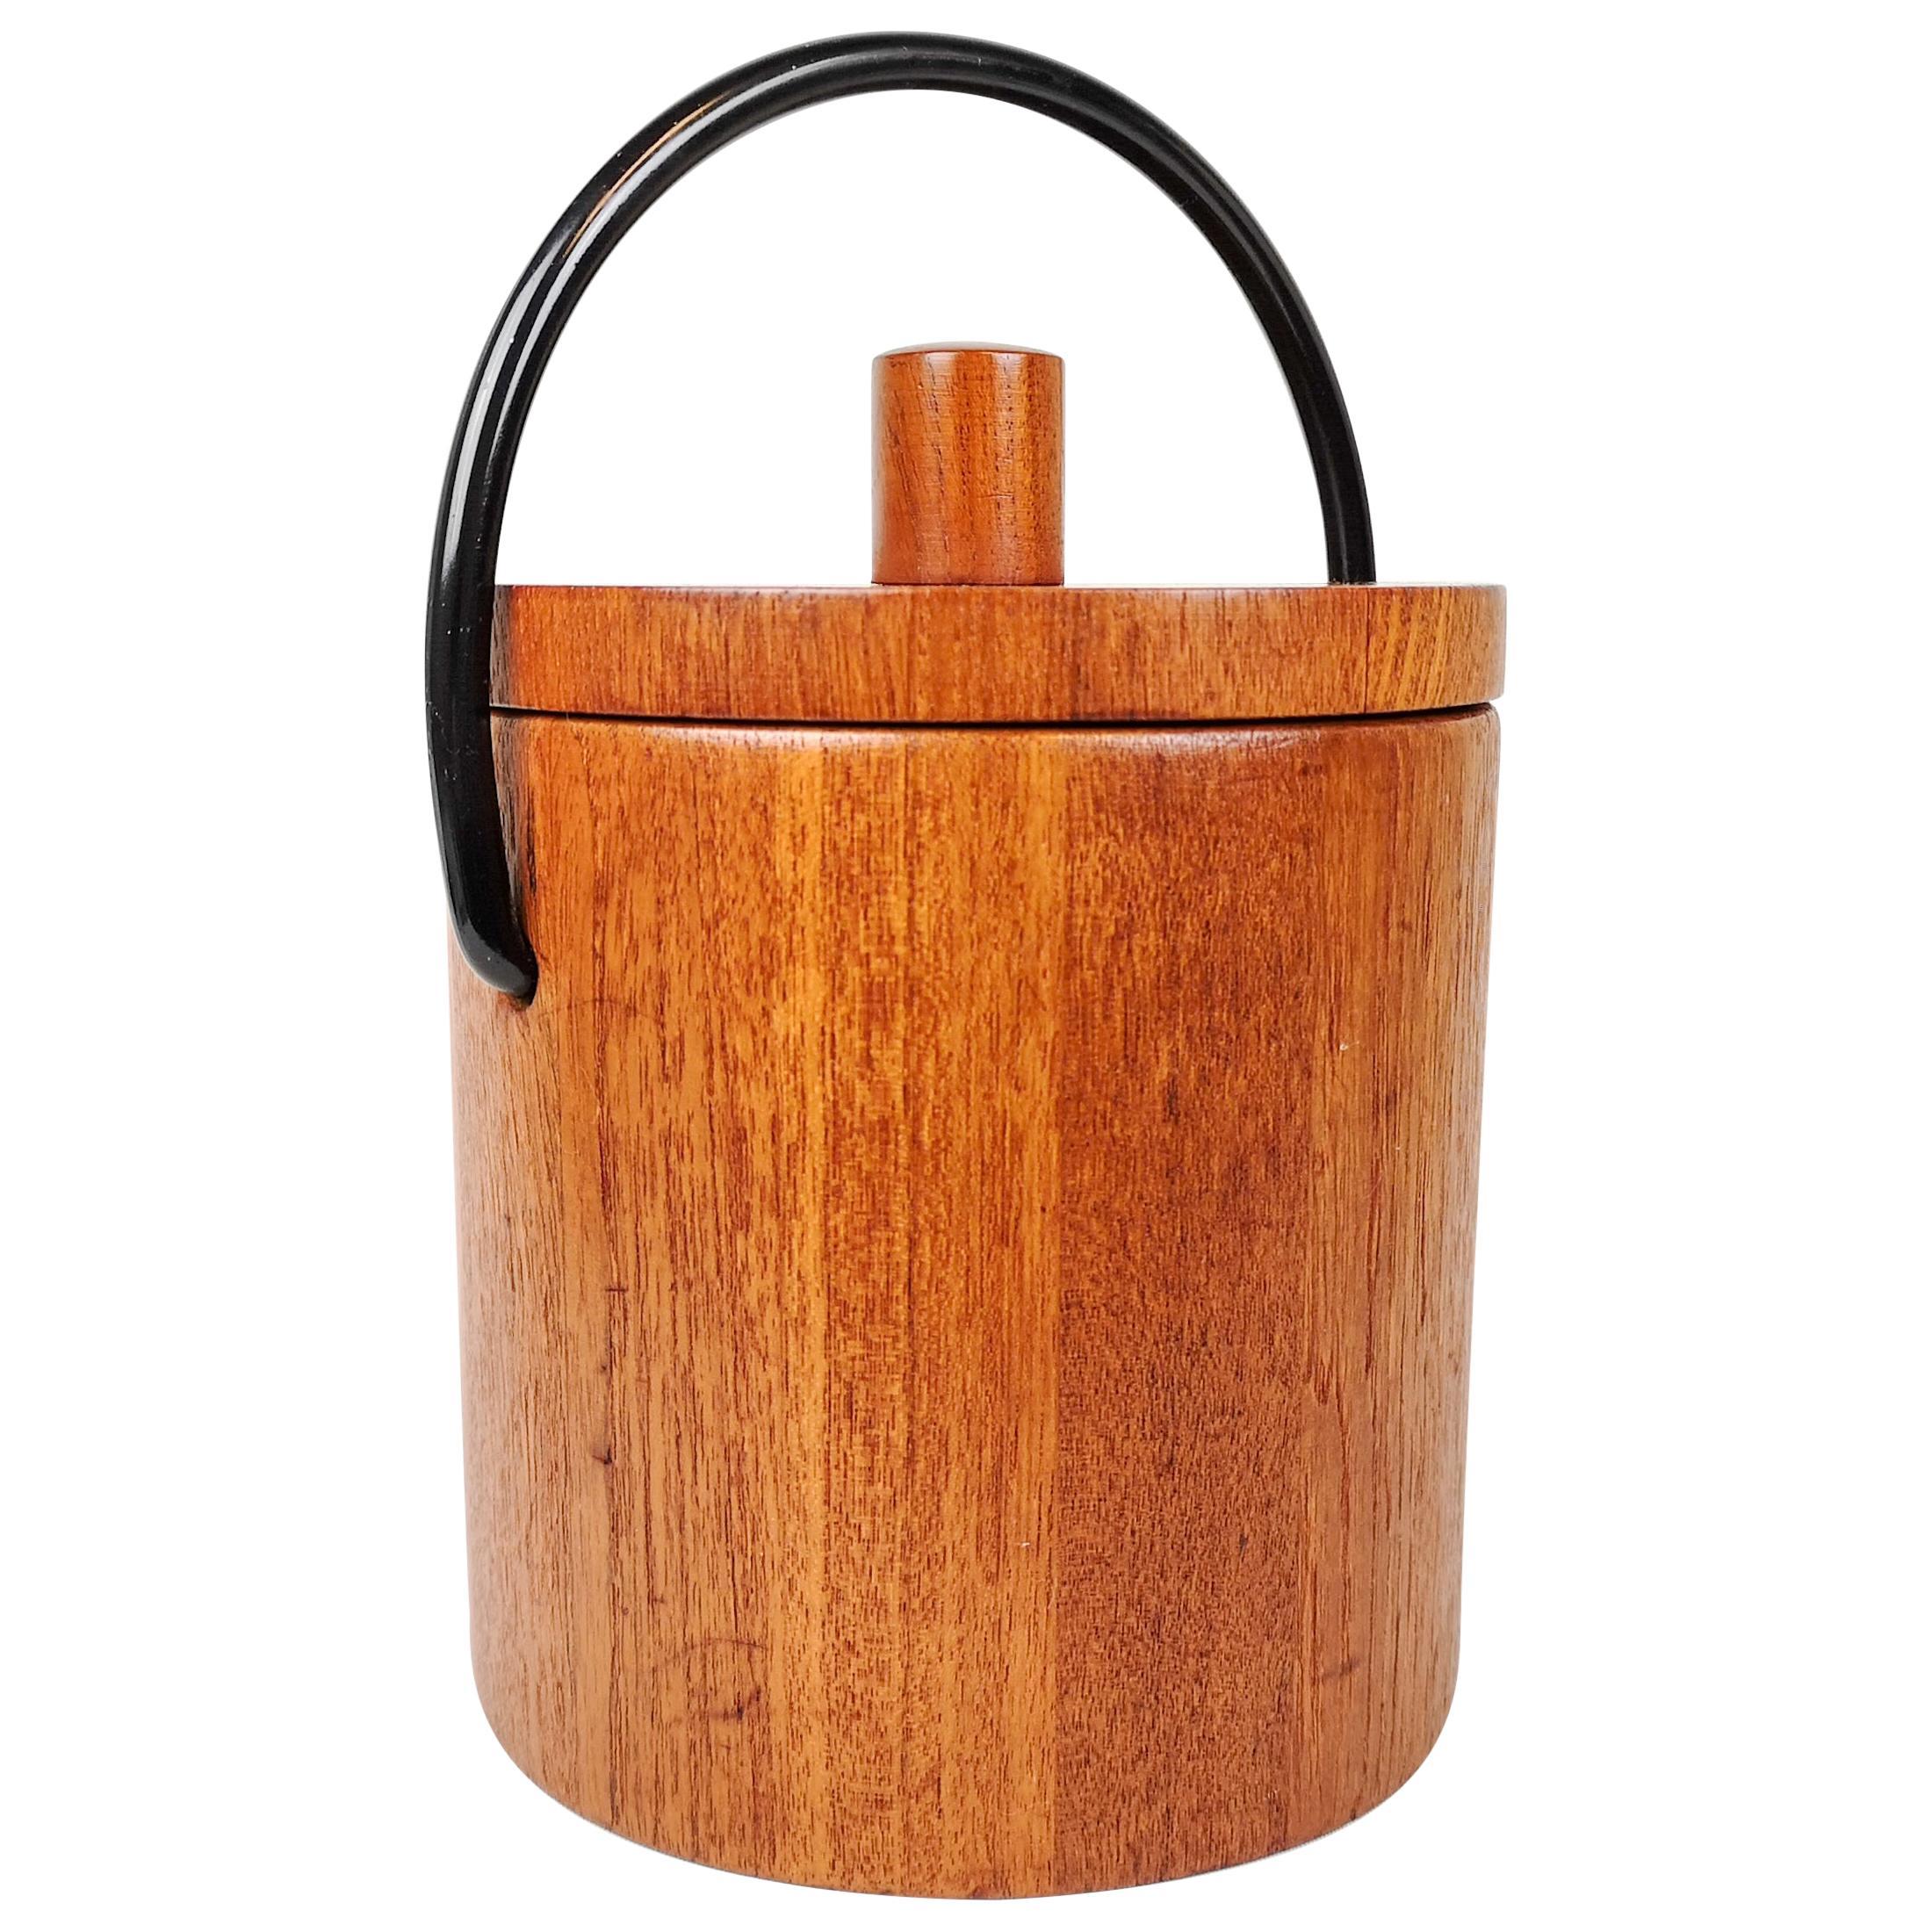 Danish Teak Ice Bucket by Flemming Digsmed for Nissen, 1960s